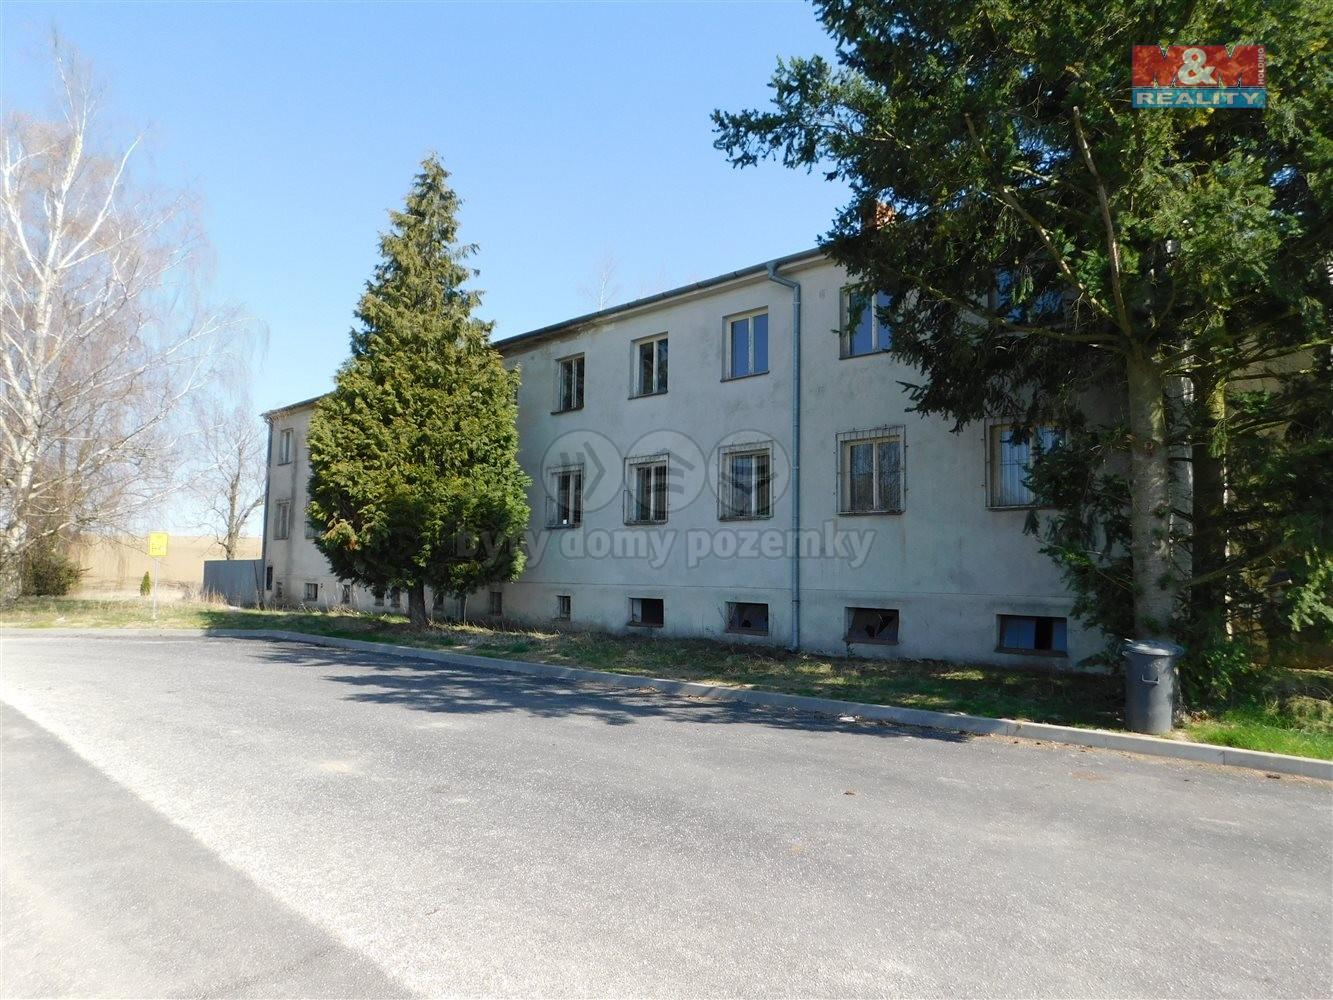 Prodej, komerční prostory, 12817 m2, Vratěnín